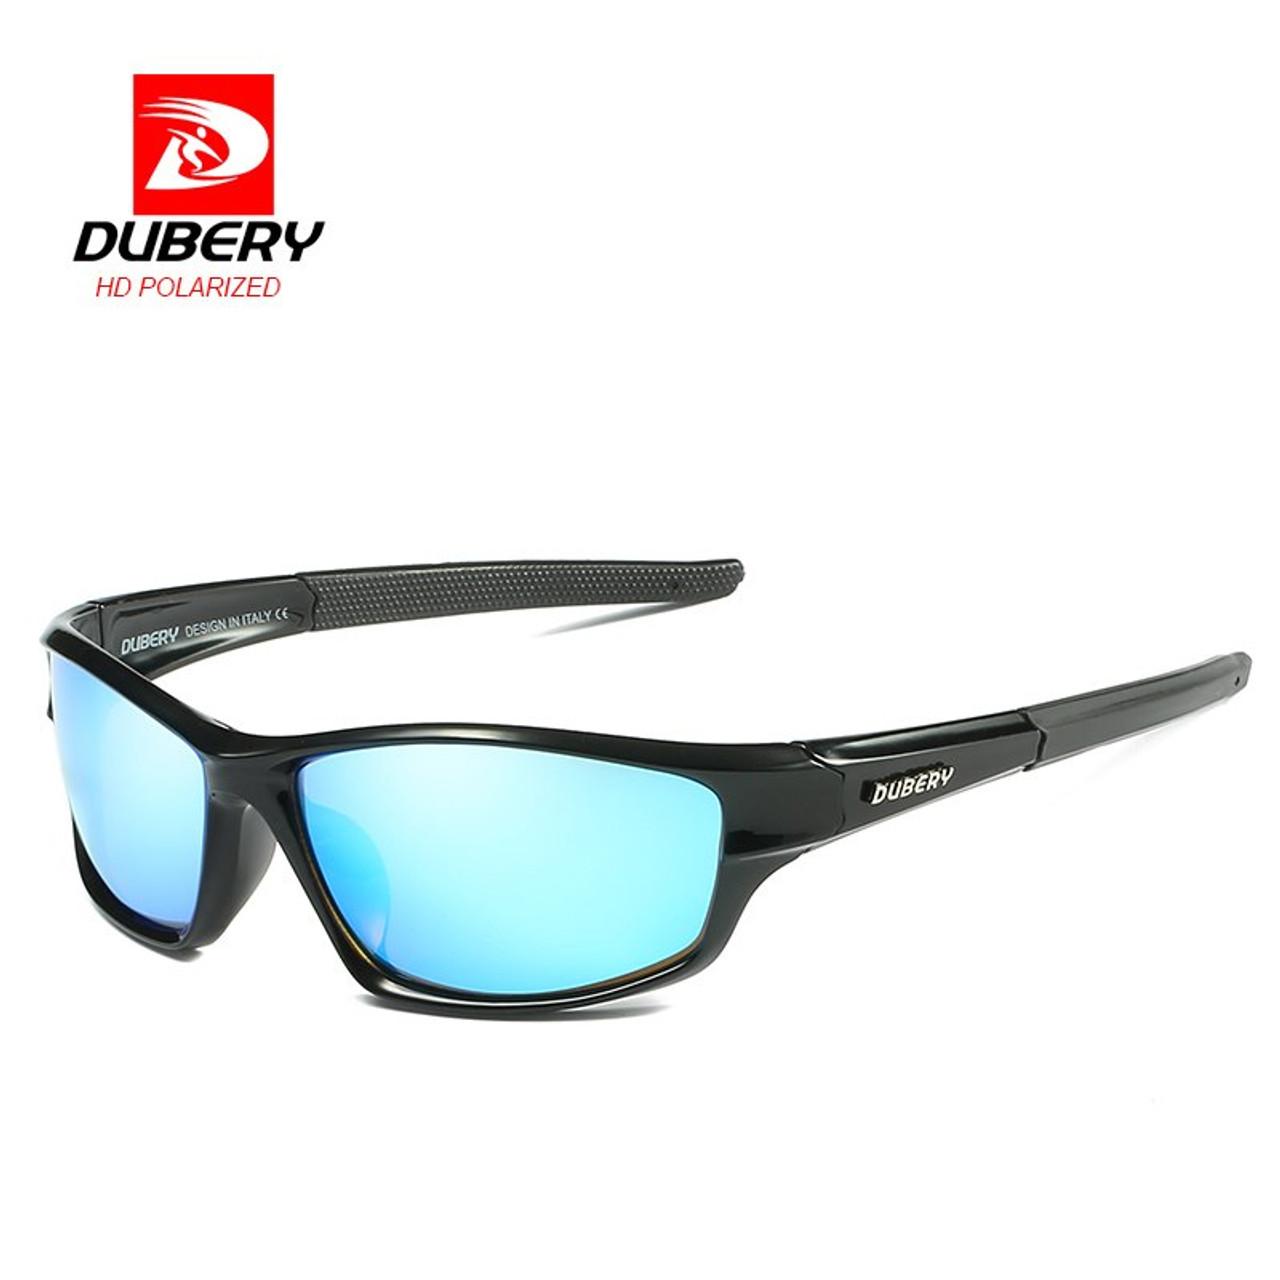 1947f25effe1e ... DUBERY Sunglasses Men s Polarized Driving Sport Sun Glasses For Men  Women Square Color Mirror Luxury Brand ...